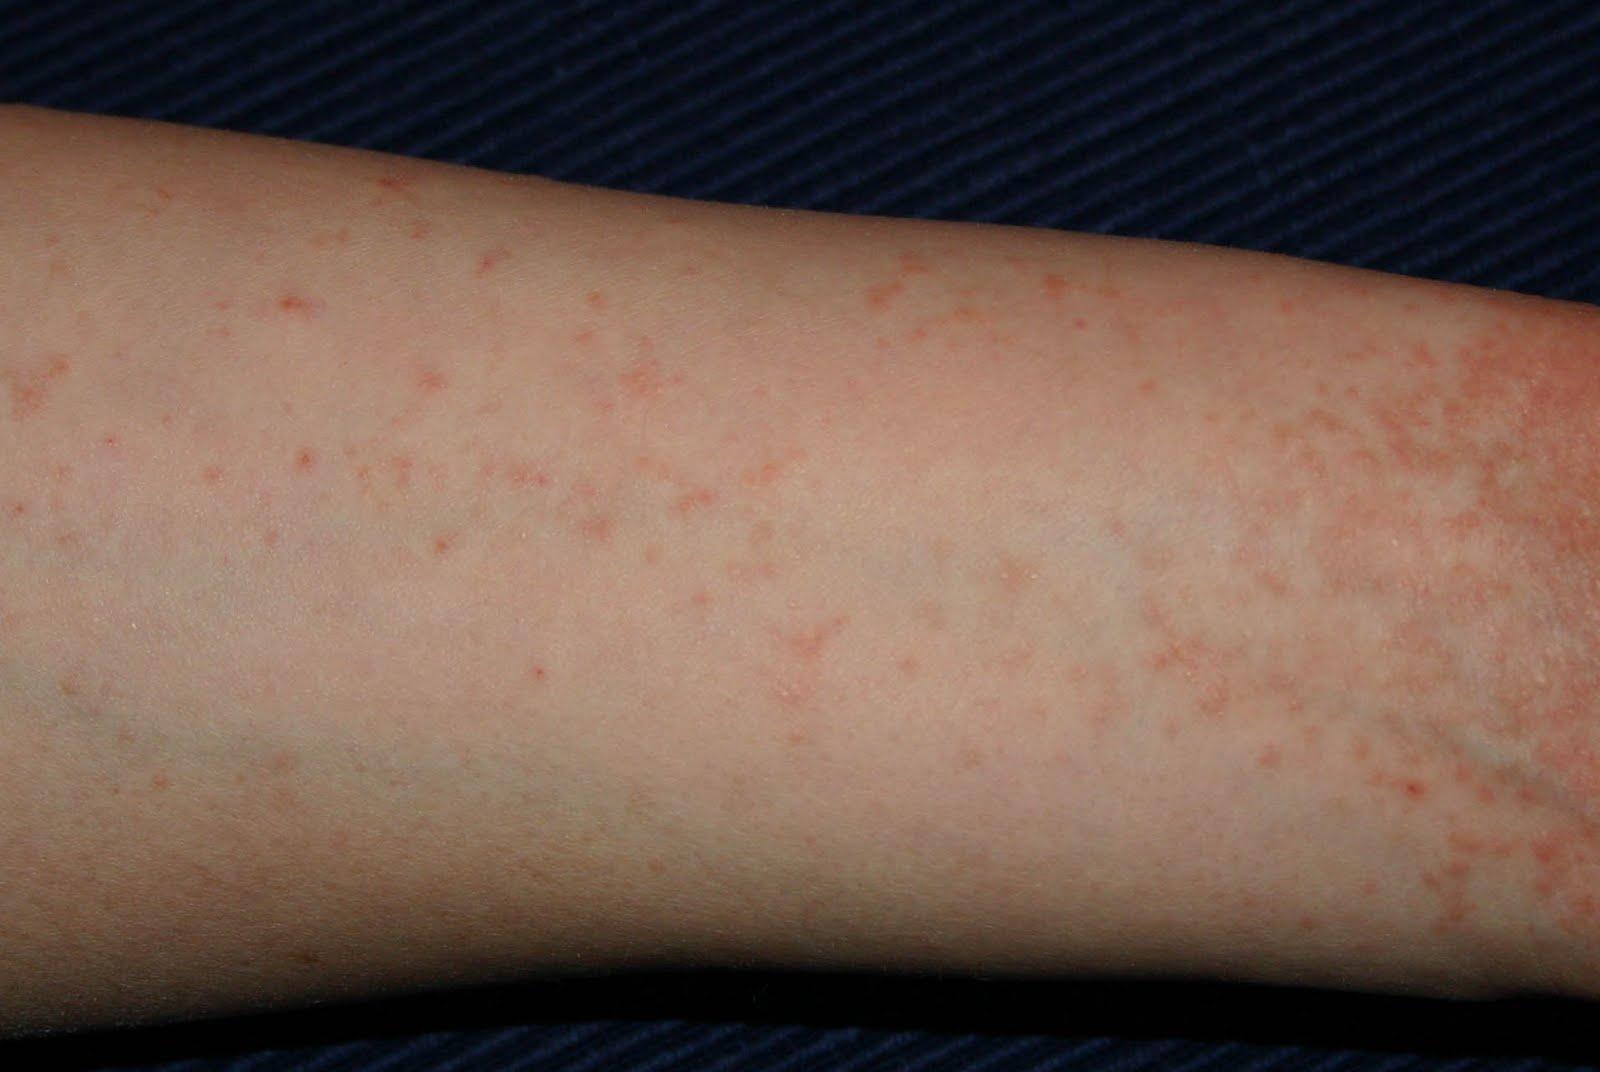 hogyan lehet gyógyítani egy piros foltot a lábán